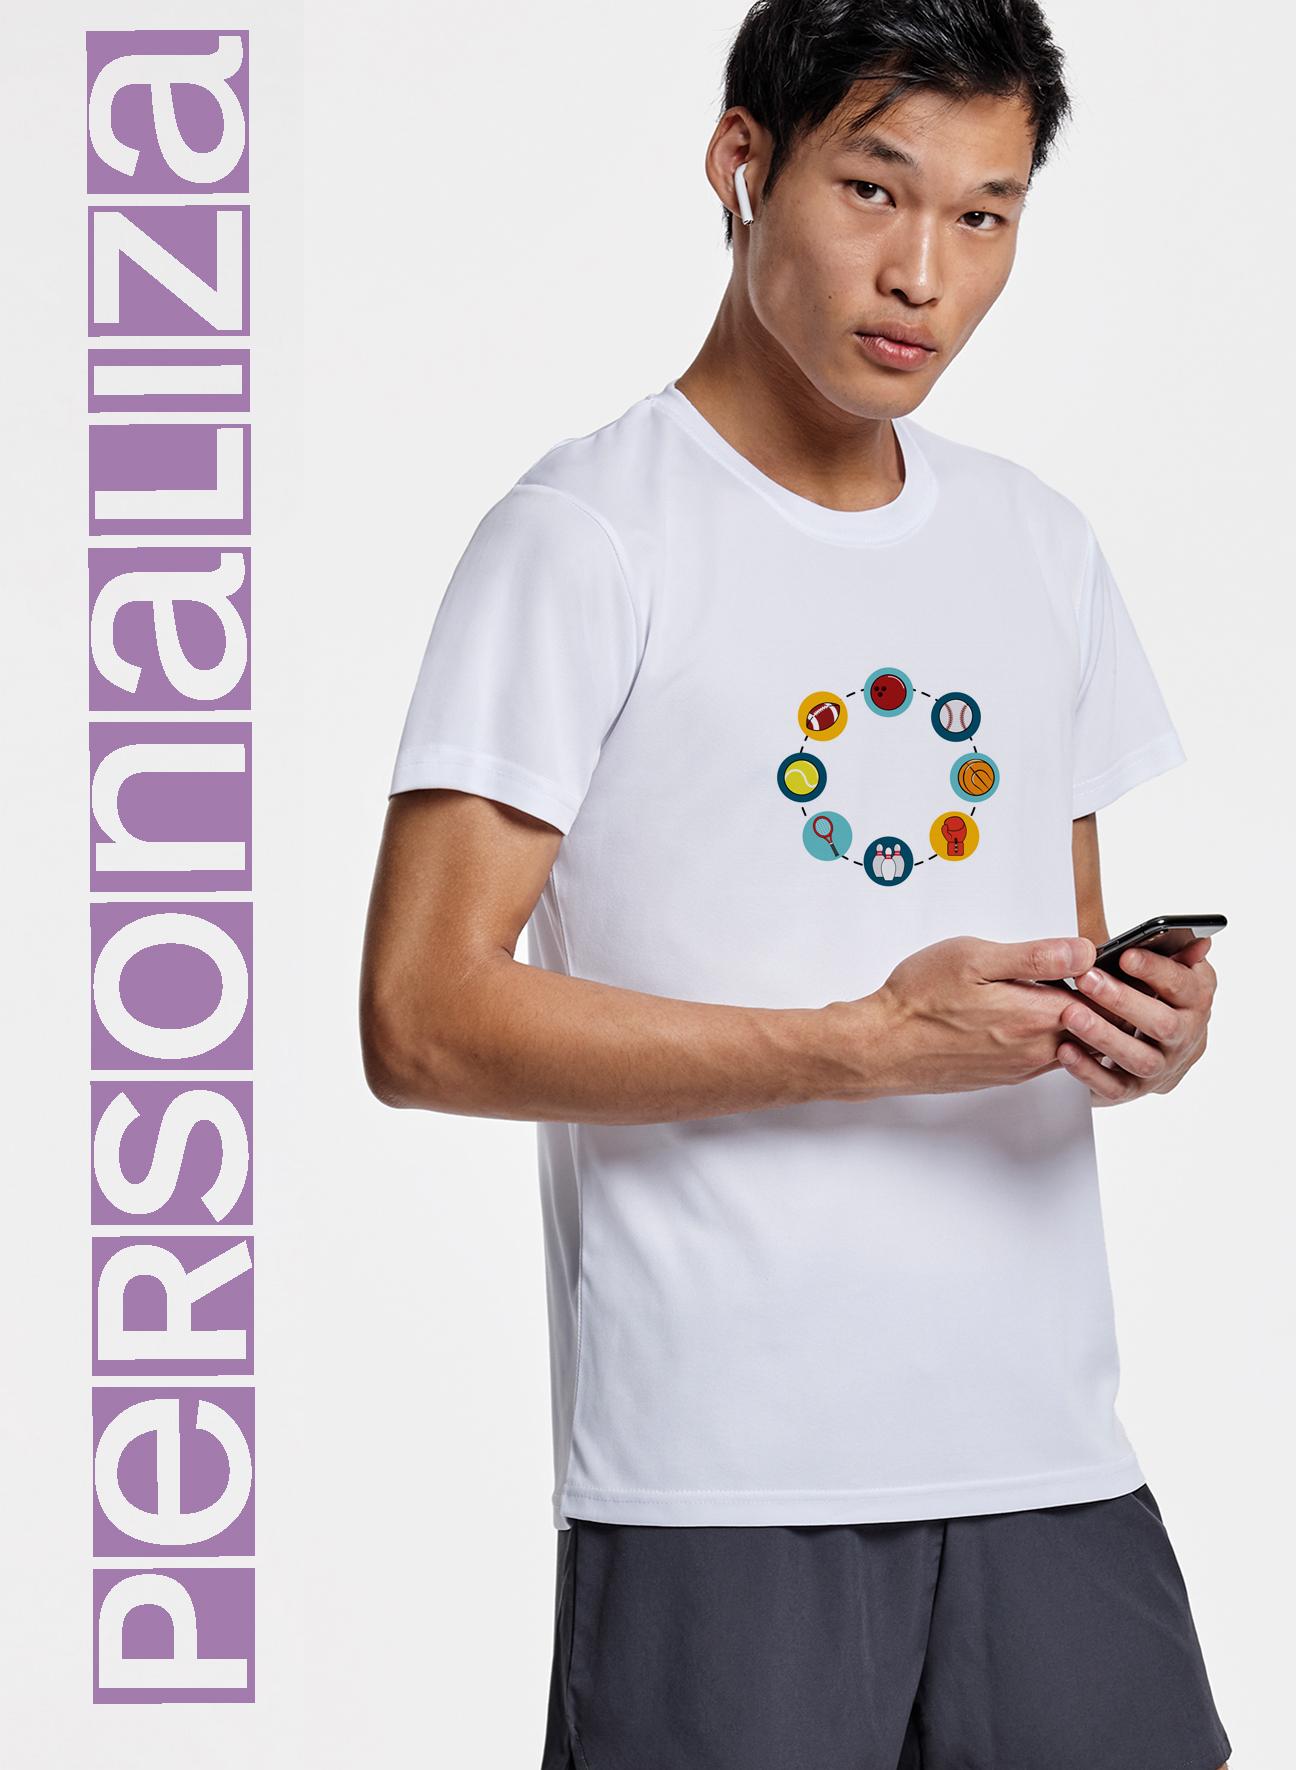 Personalizar camisetas deportivas